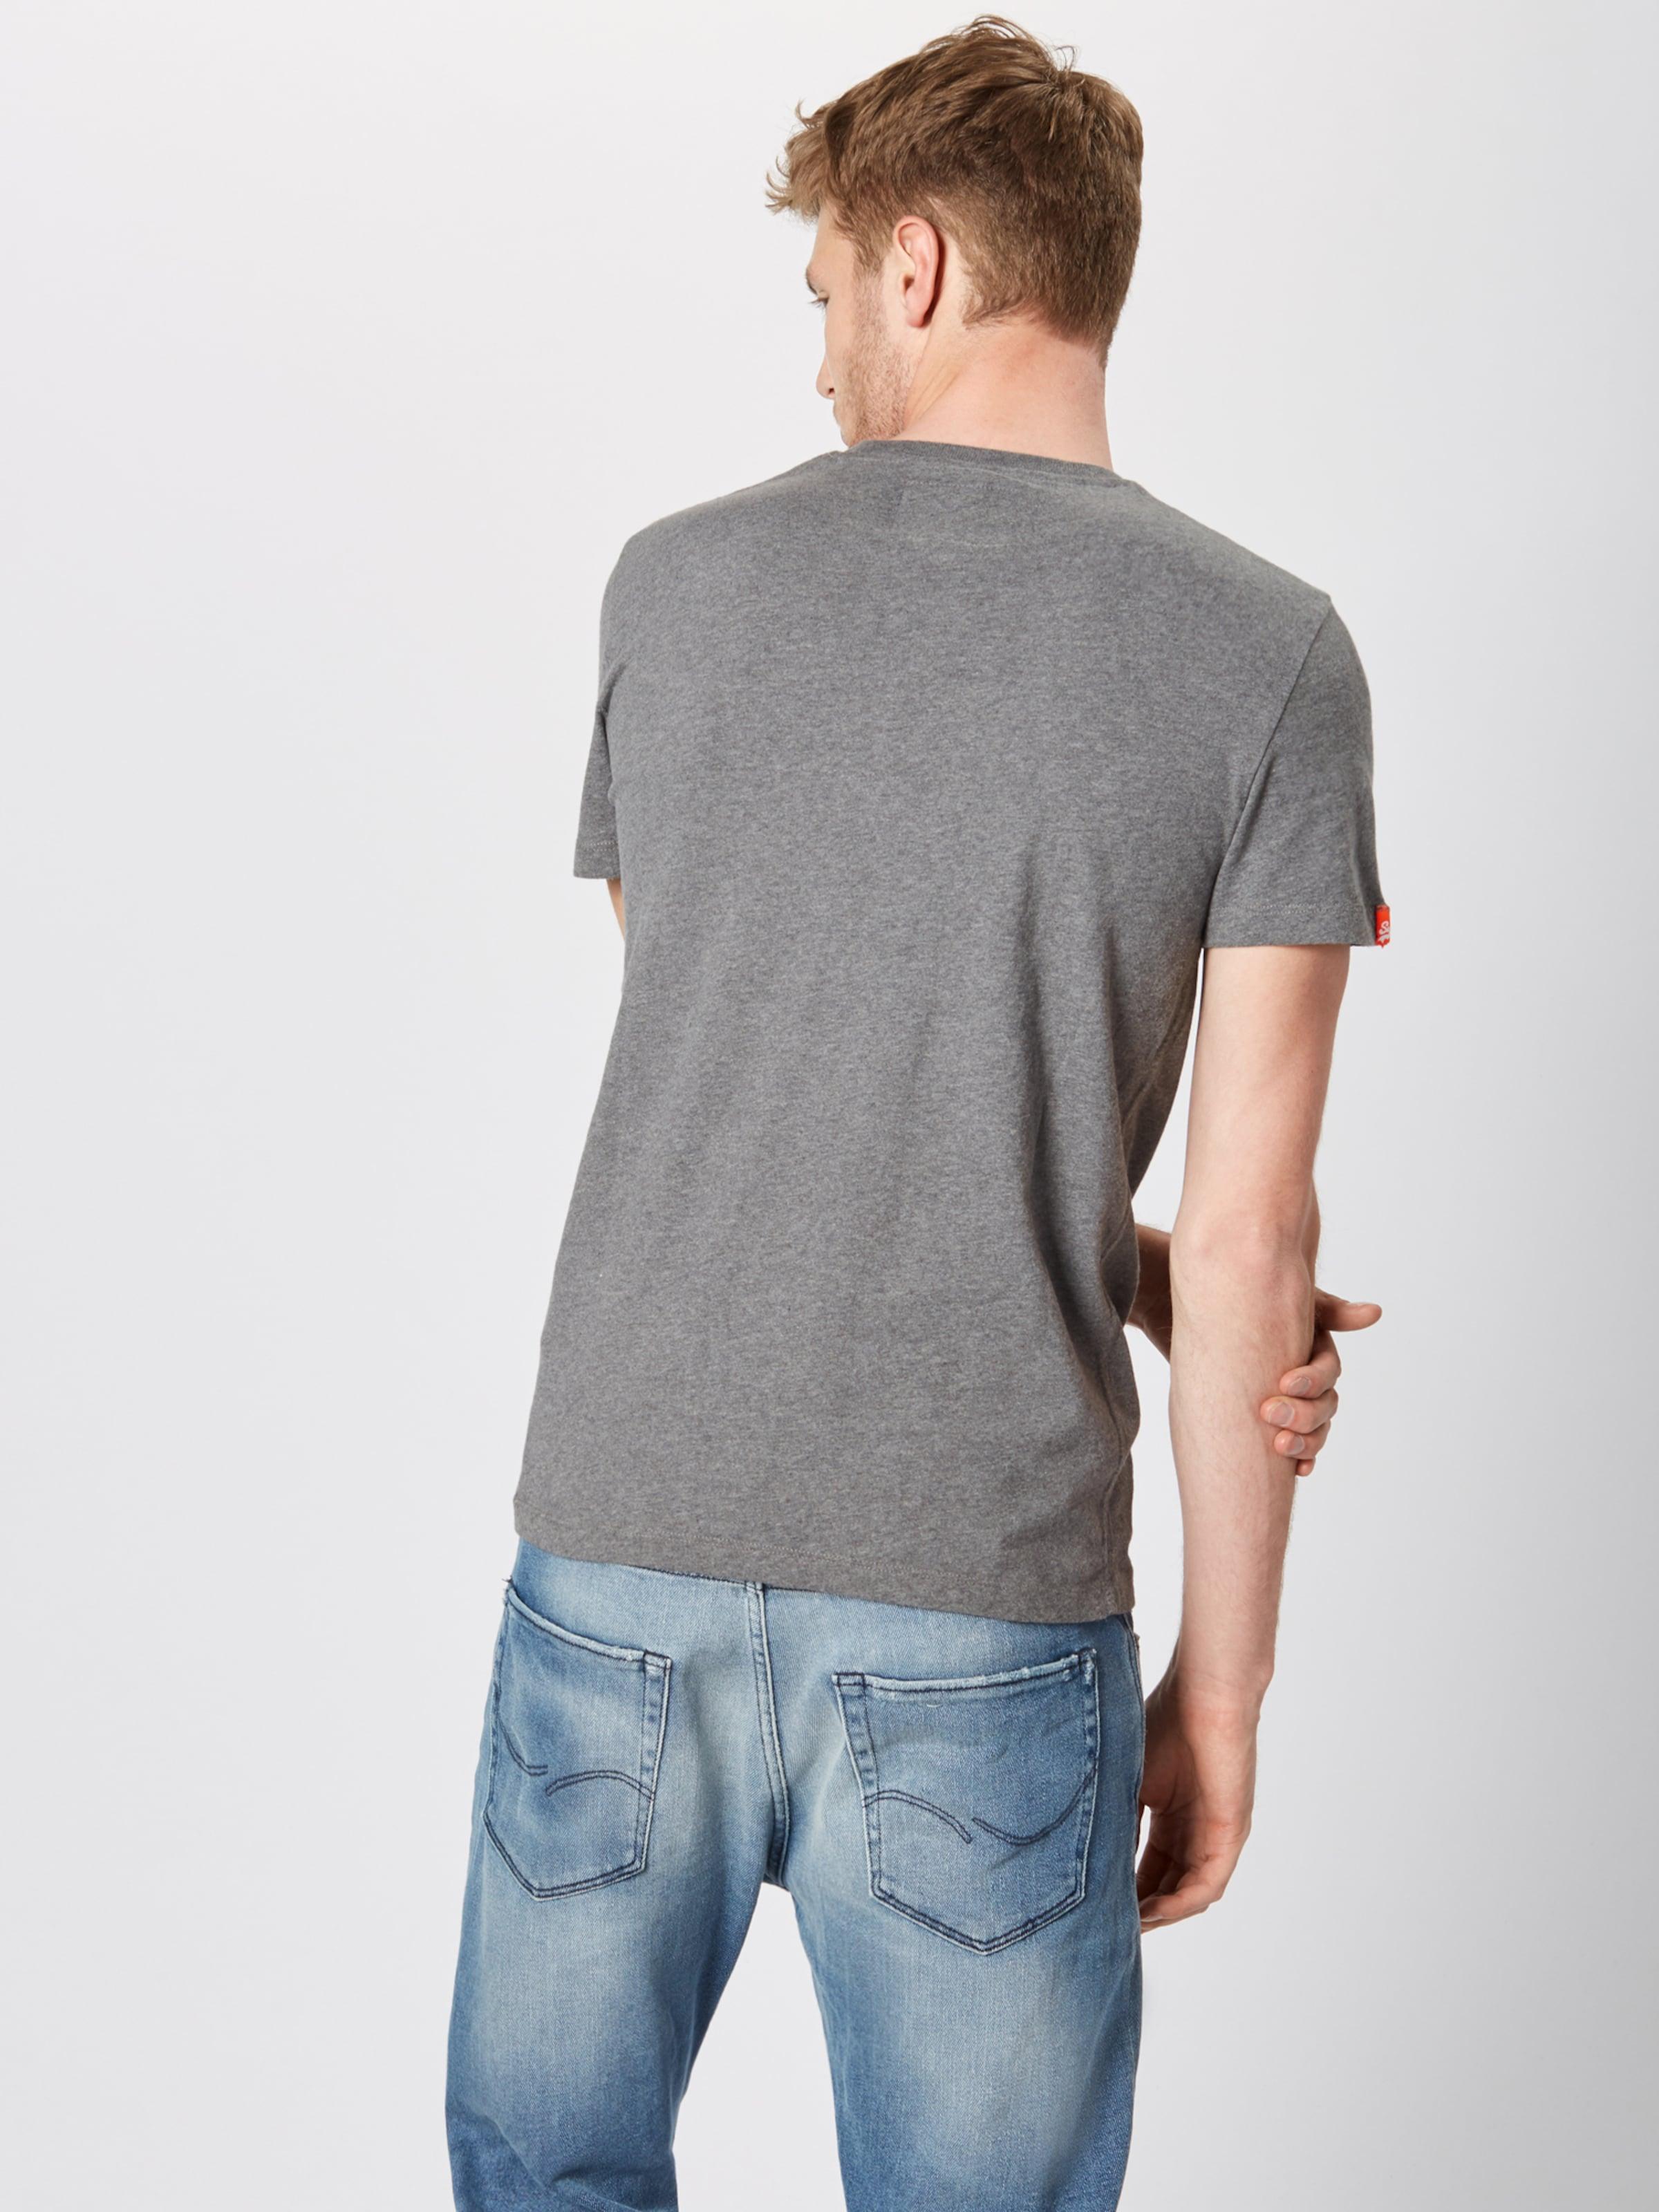 Superdry 'orange En Fluo Vintage' shirt T GrisVert 1clTFKJ3